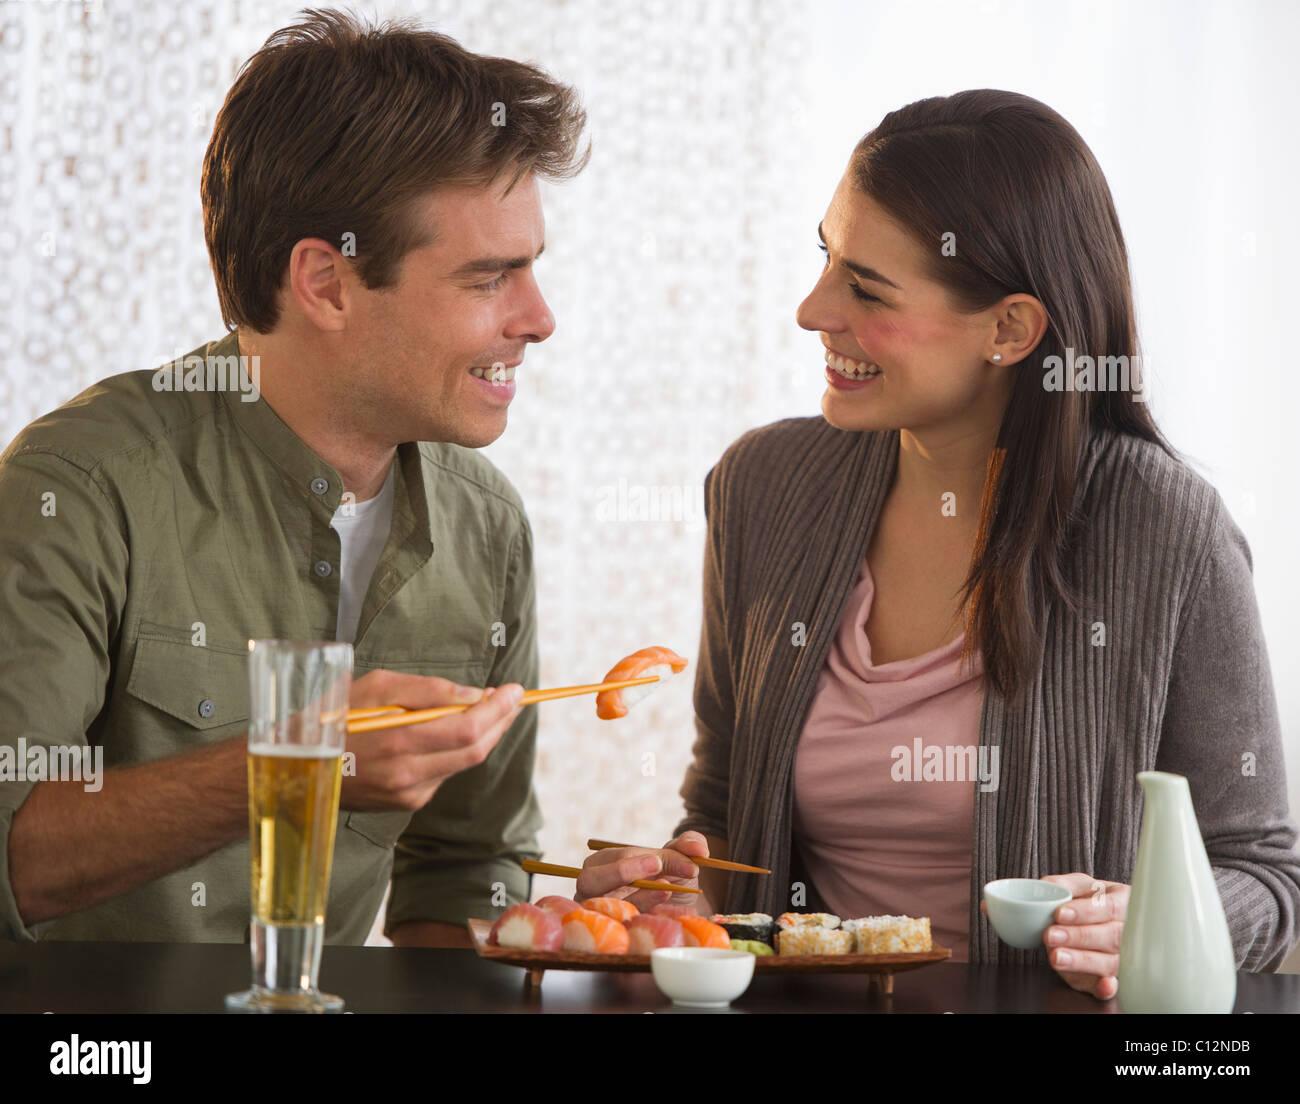 dating jersey citydating vintage neckties